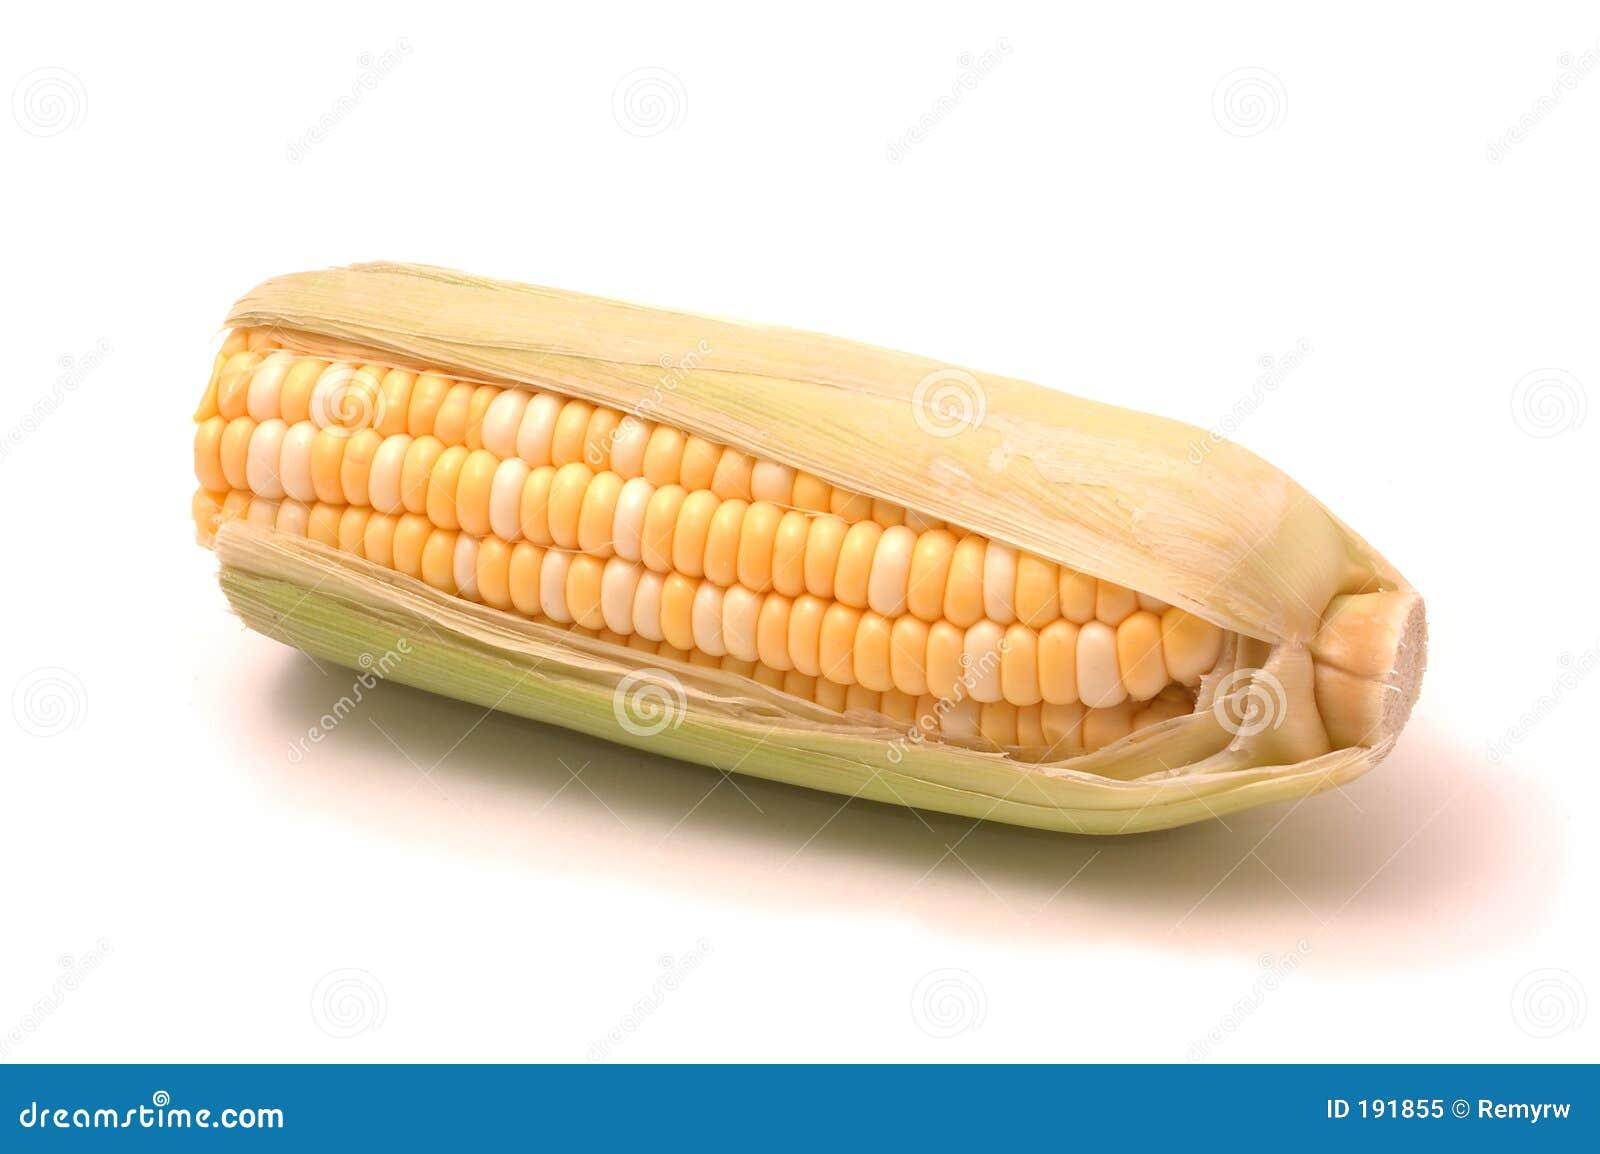 Espiga de trigo sobre blanco